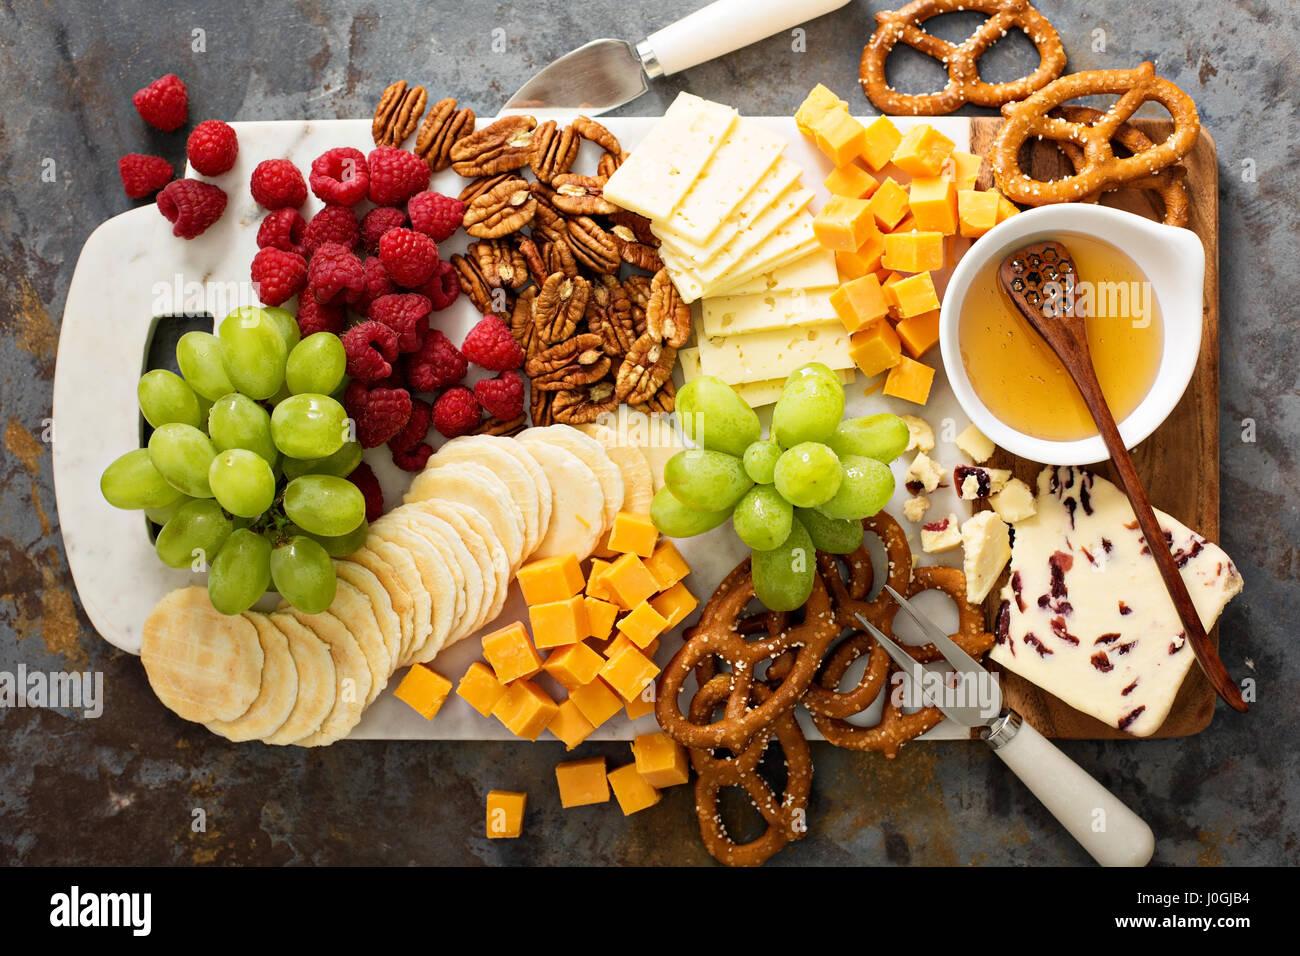 Plateau de fromage et des collations avec du miel et des fruits frais Photo Stock